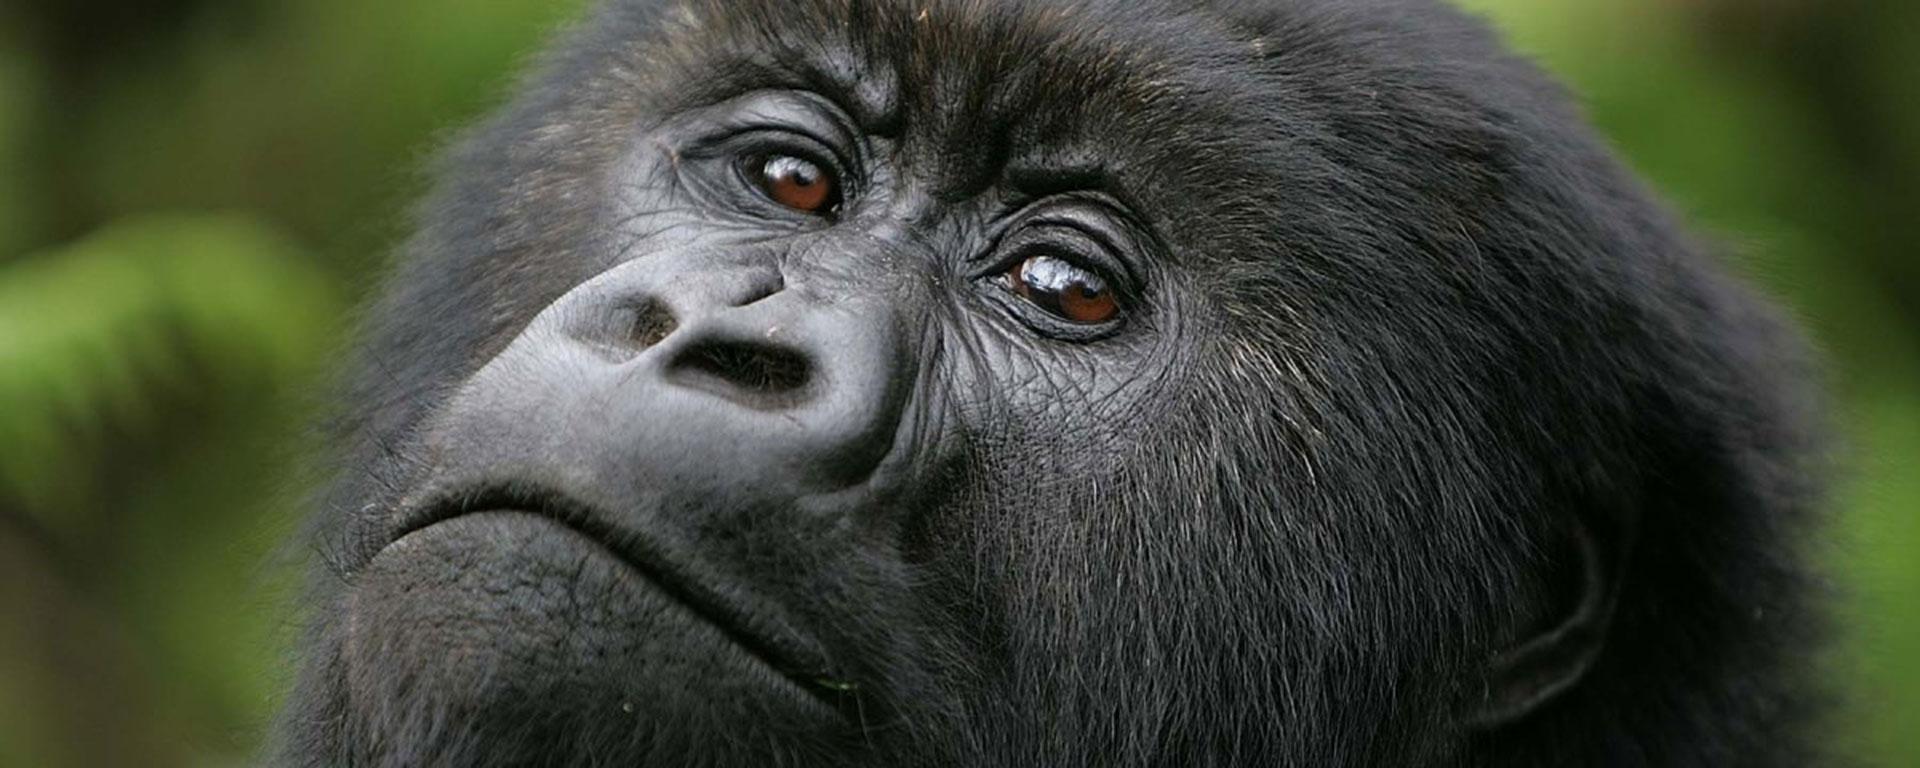 Gorilla wearing makeup